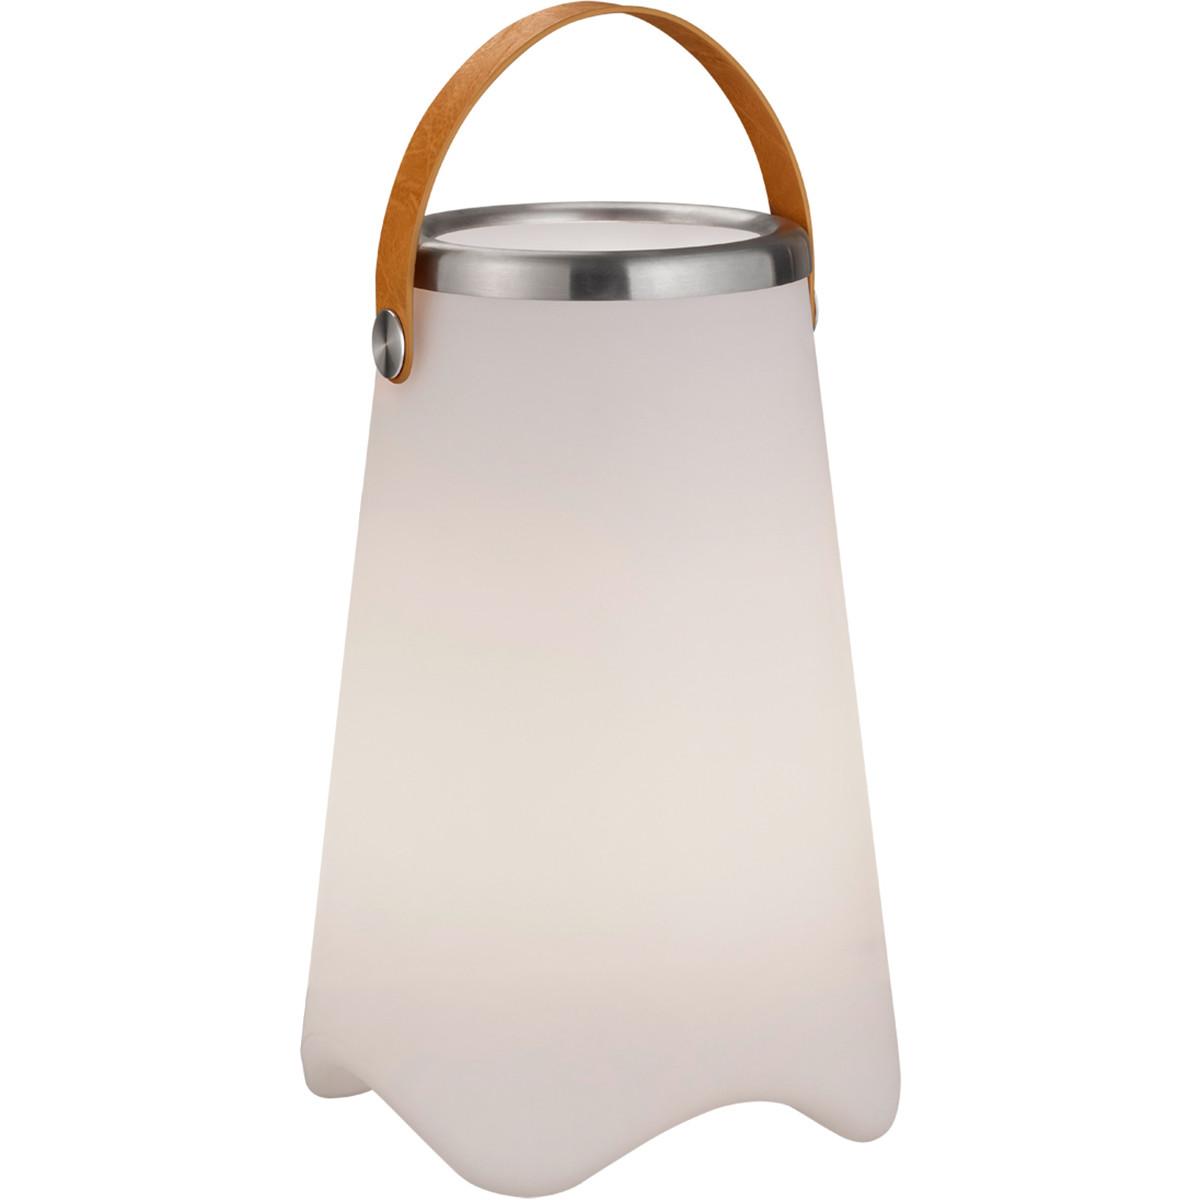 LED Tafellamp - Trion Jamino - Bluetooth Speaker - Spatwaterdicht - Afstandsbediening - Oplaadbaar -